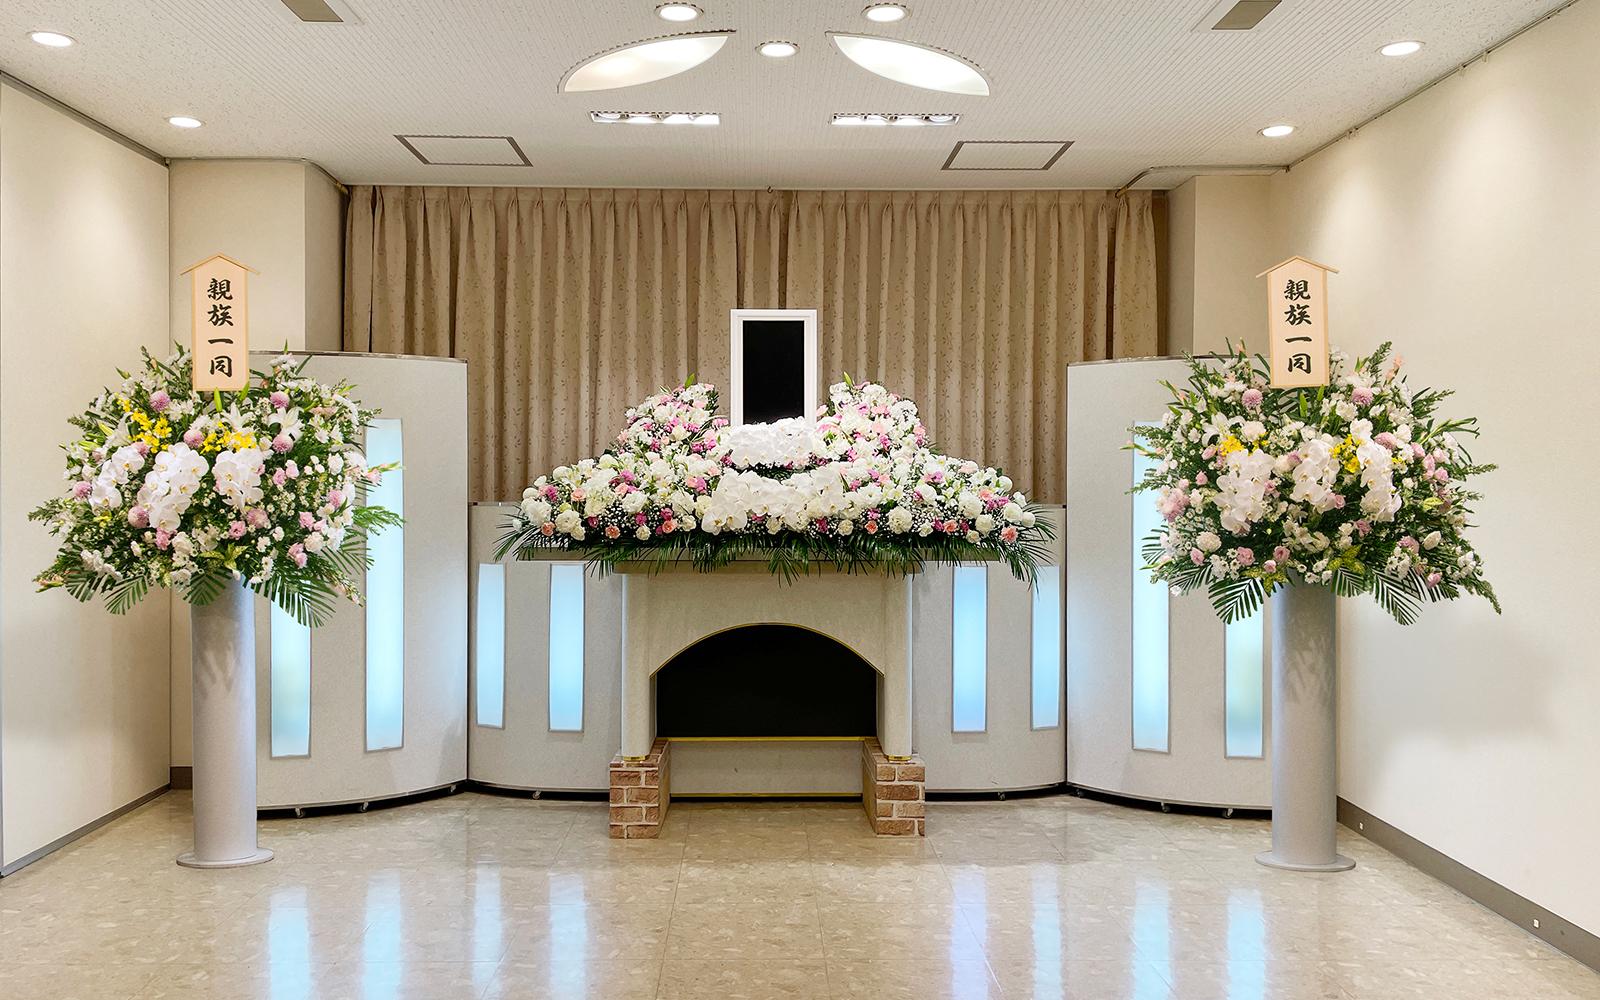 泉屋 高井田メモリアルホール